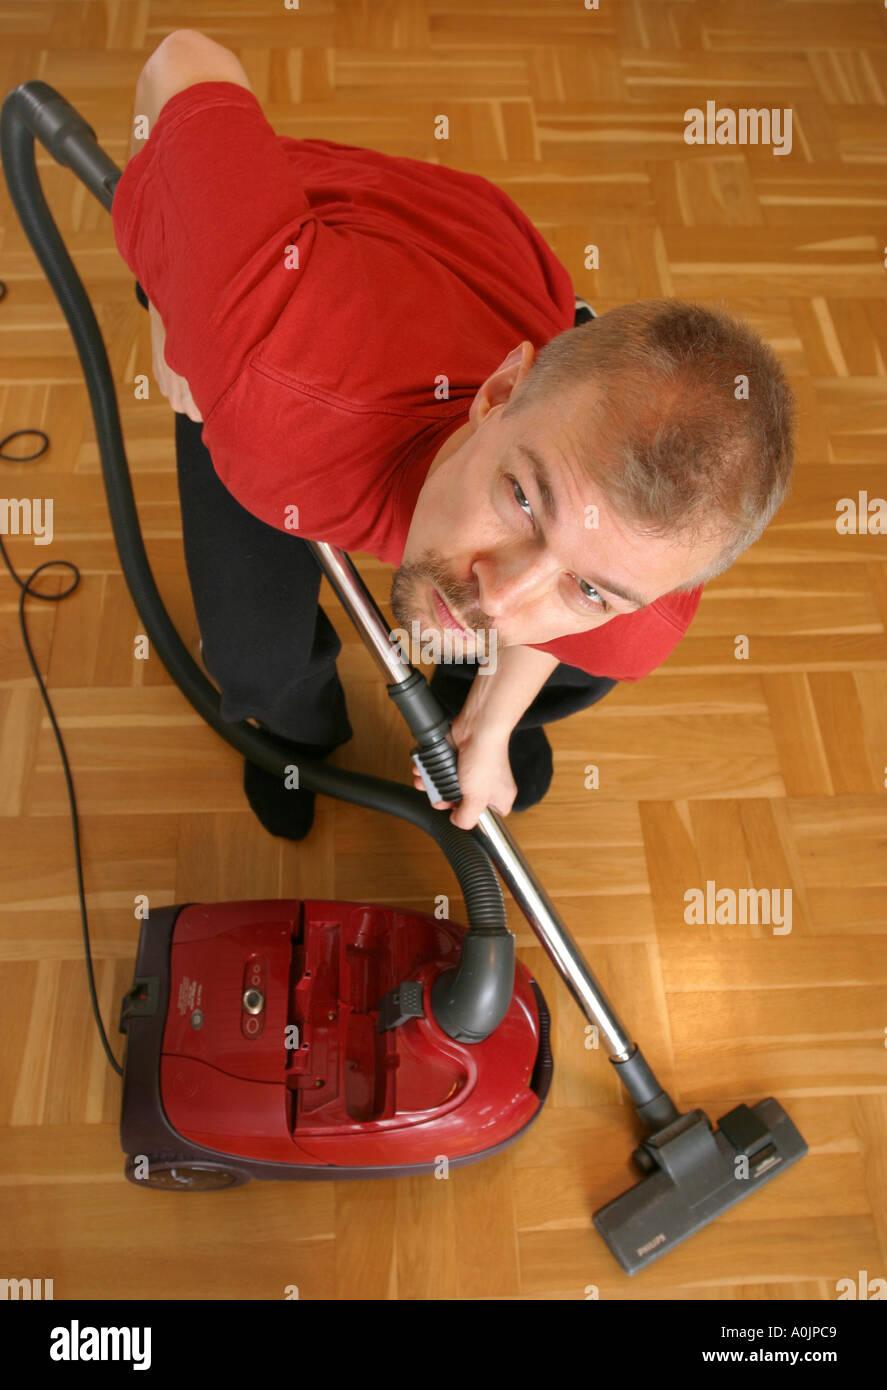 Gruñón hombre aspirando el suelo Foto de stock